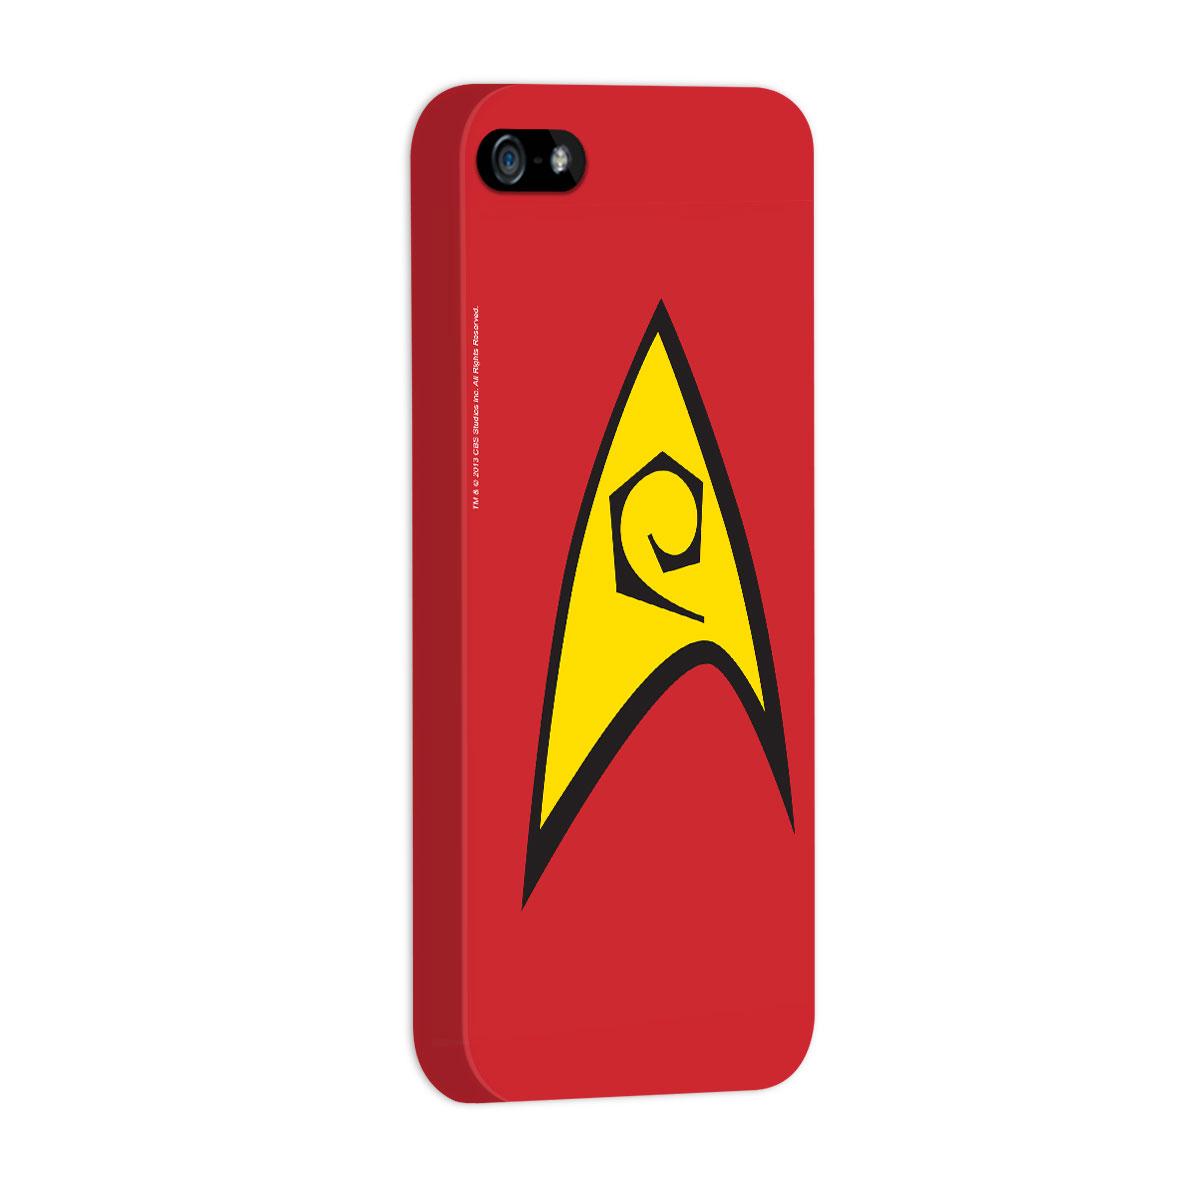 Capa de iPhone 5/5S Star Trek Command Red